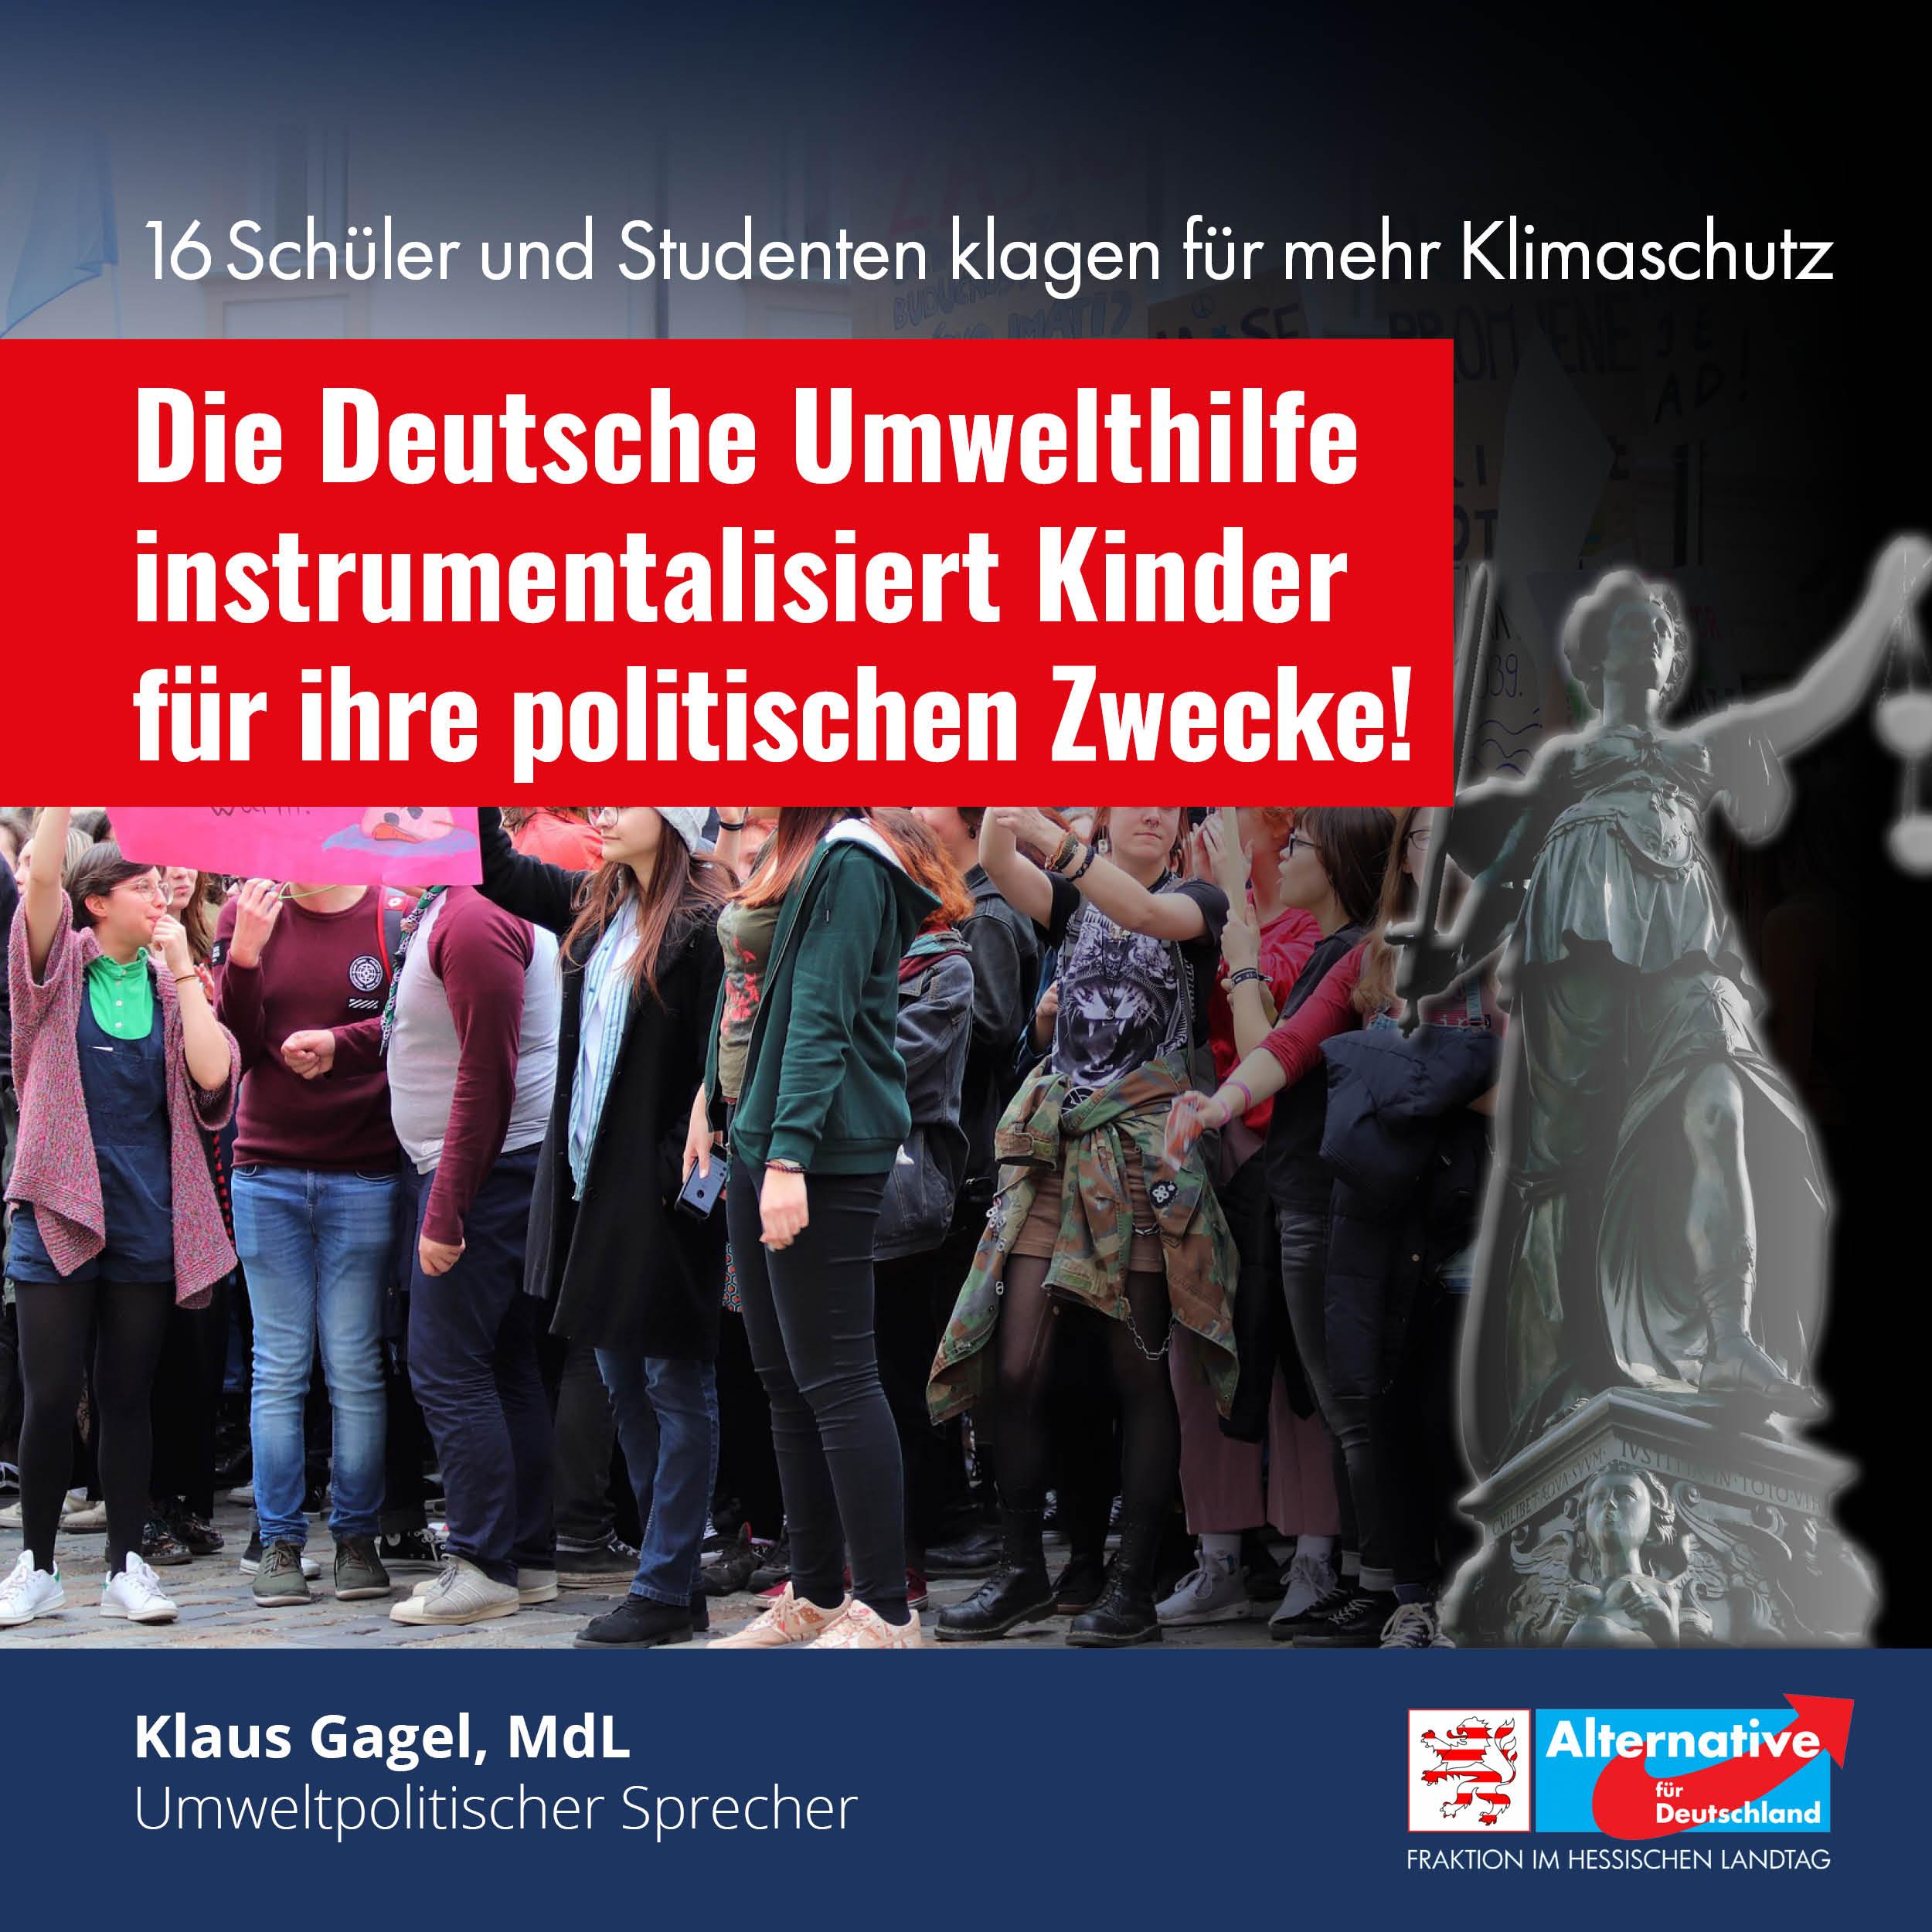 Deutsche Umwelthilfe